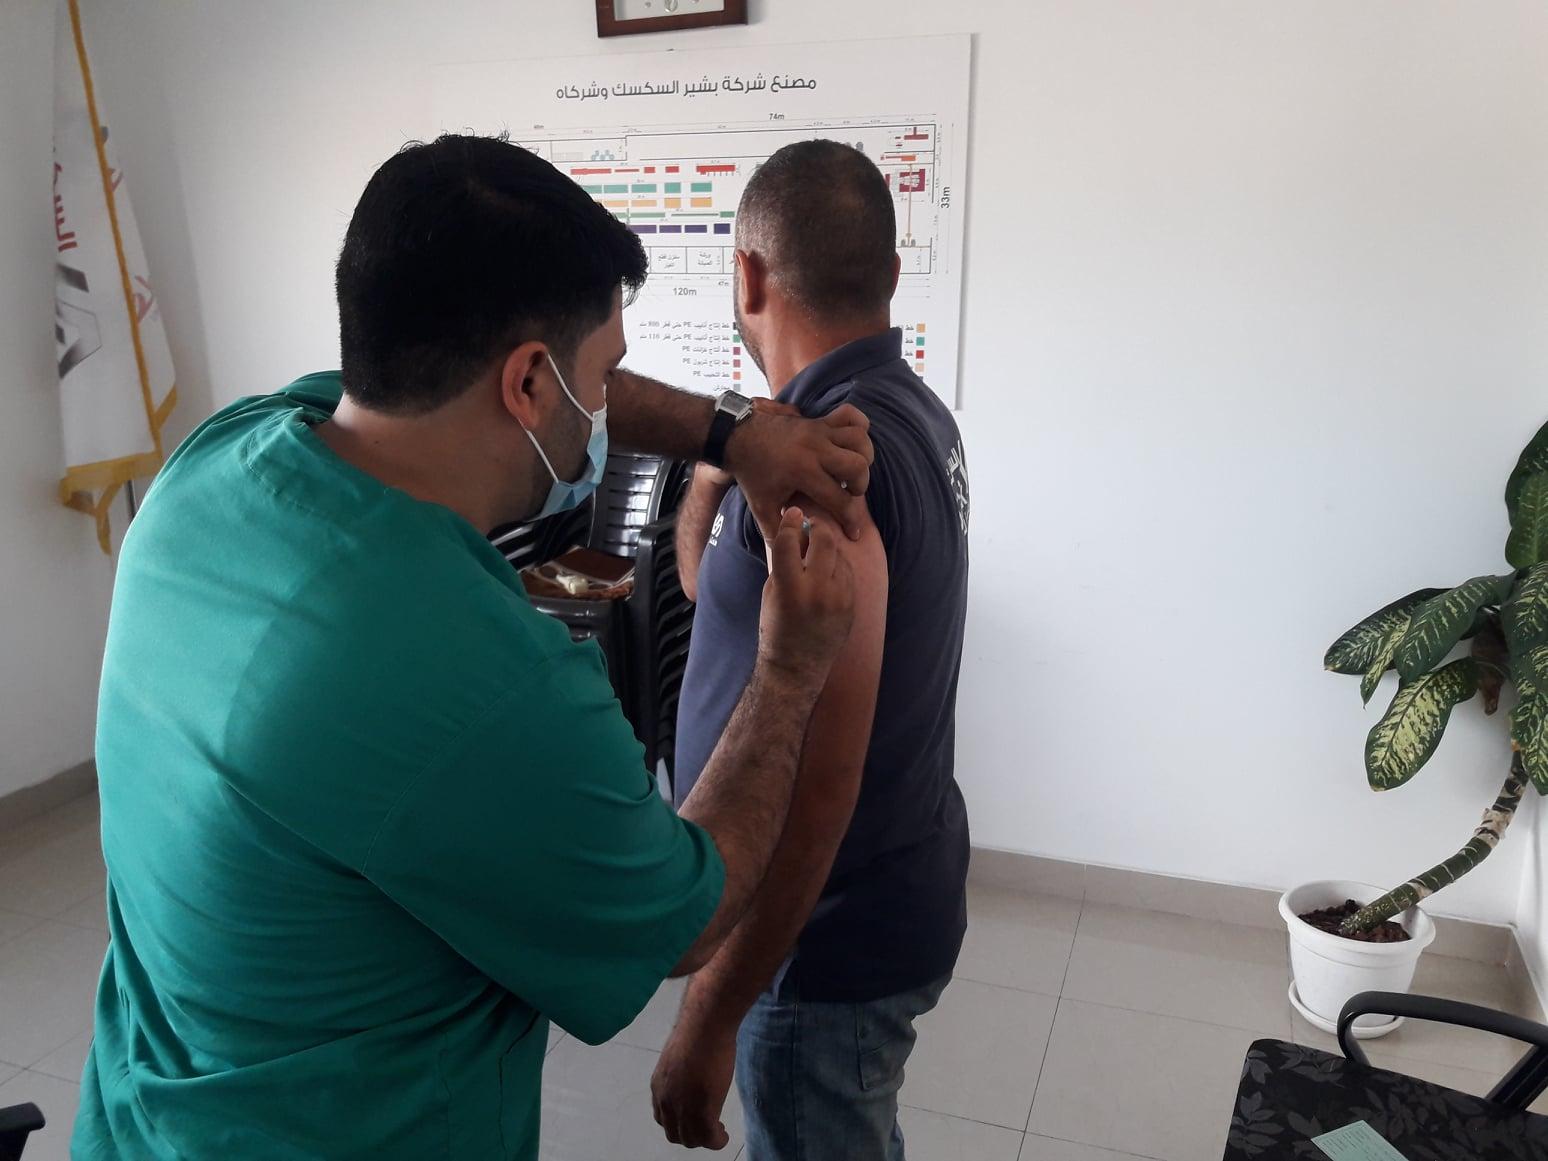 المنطقة الصناعية شرق غزة تعلن تطعيم أكثر من 700 عامل